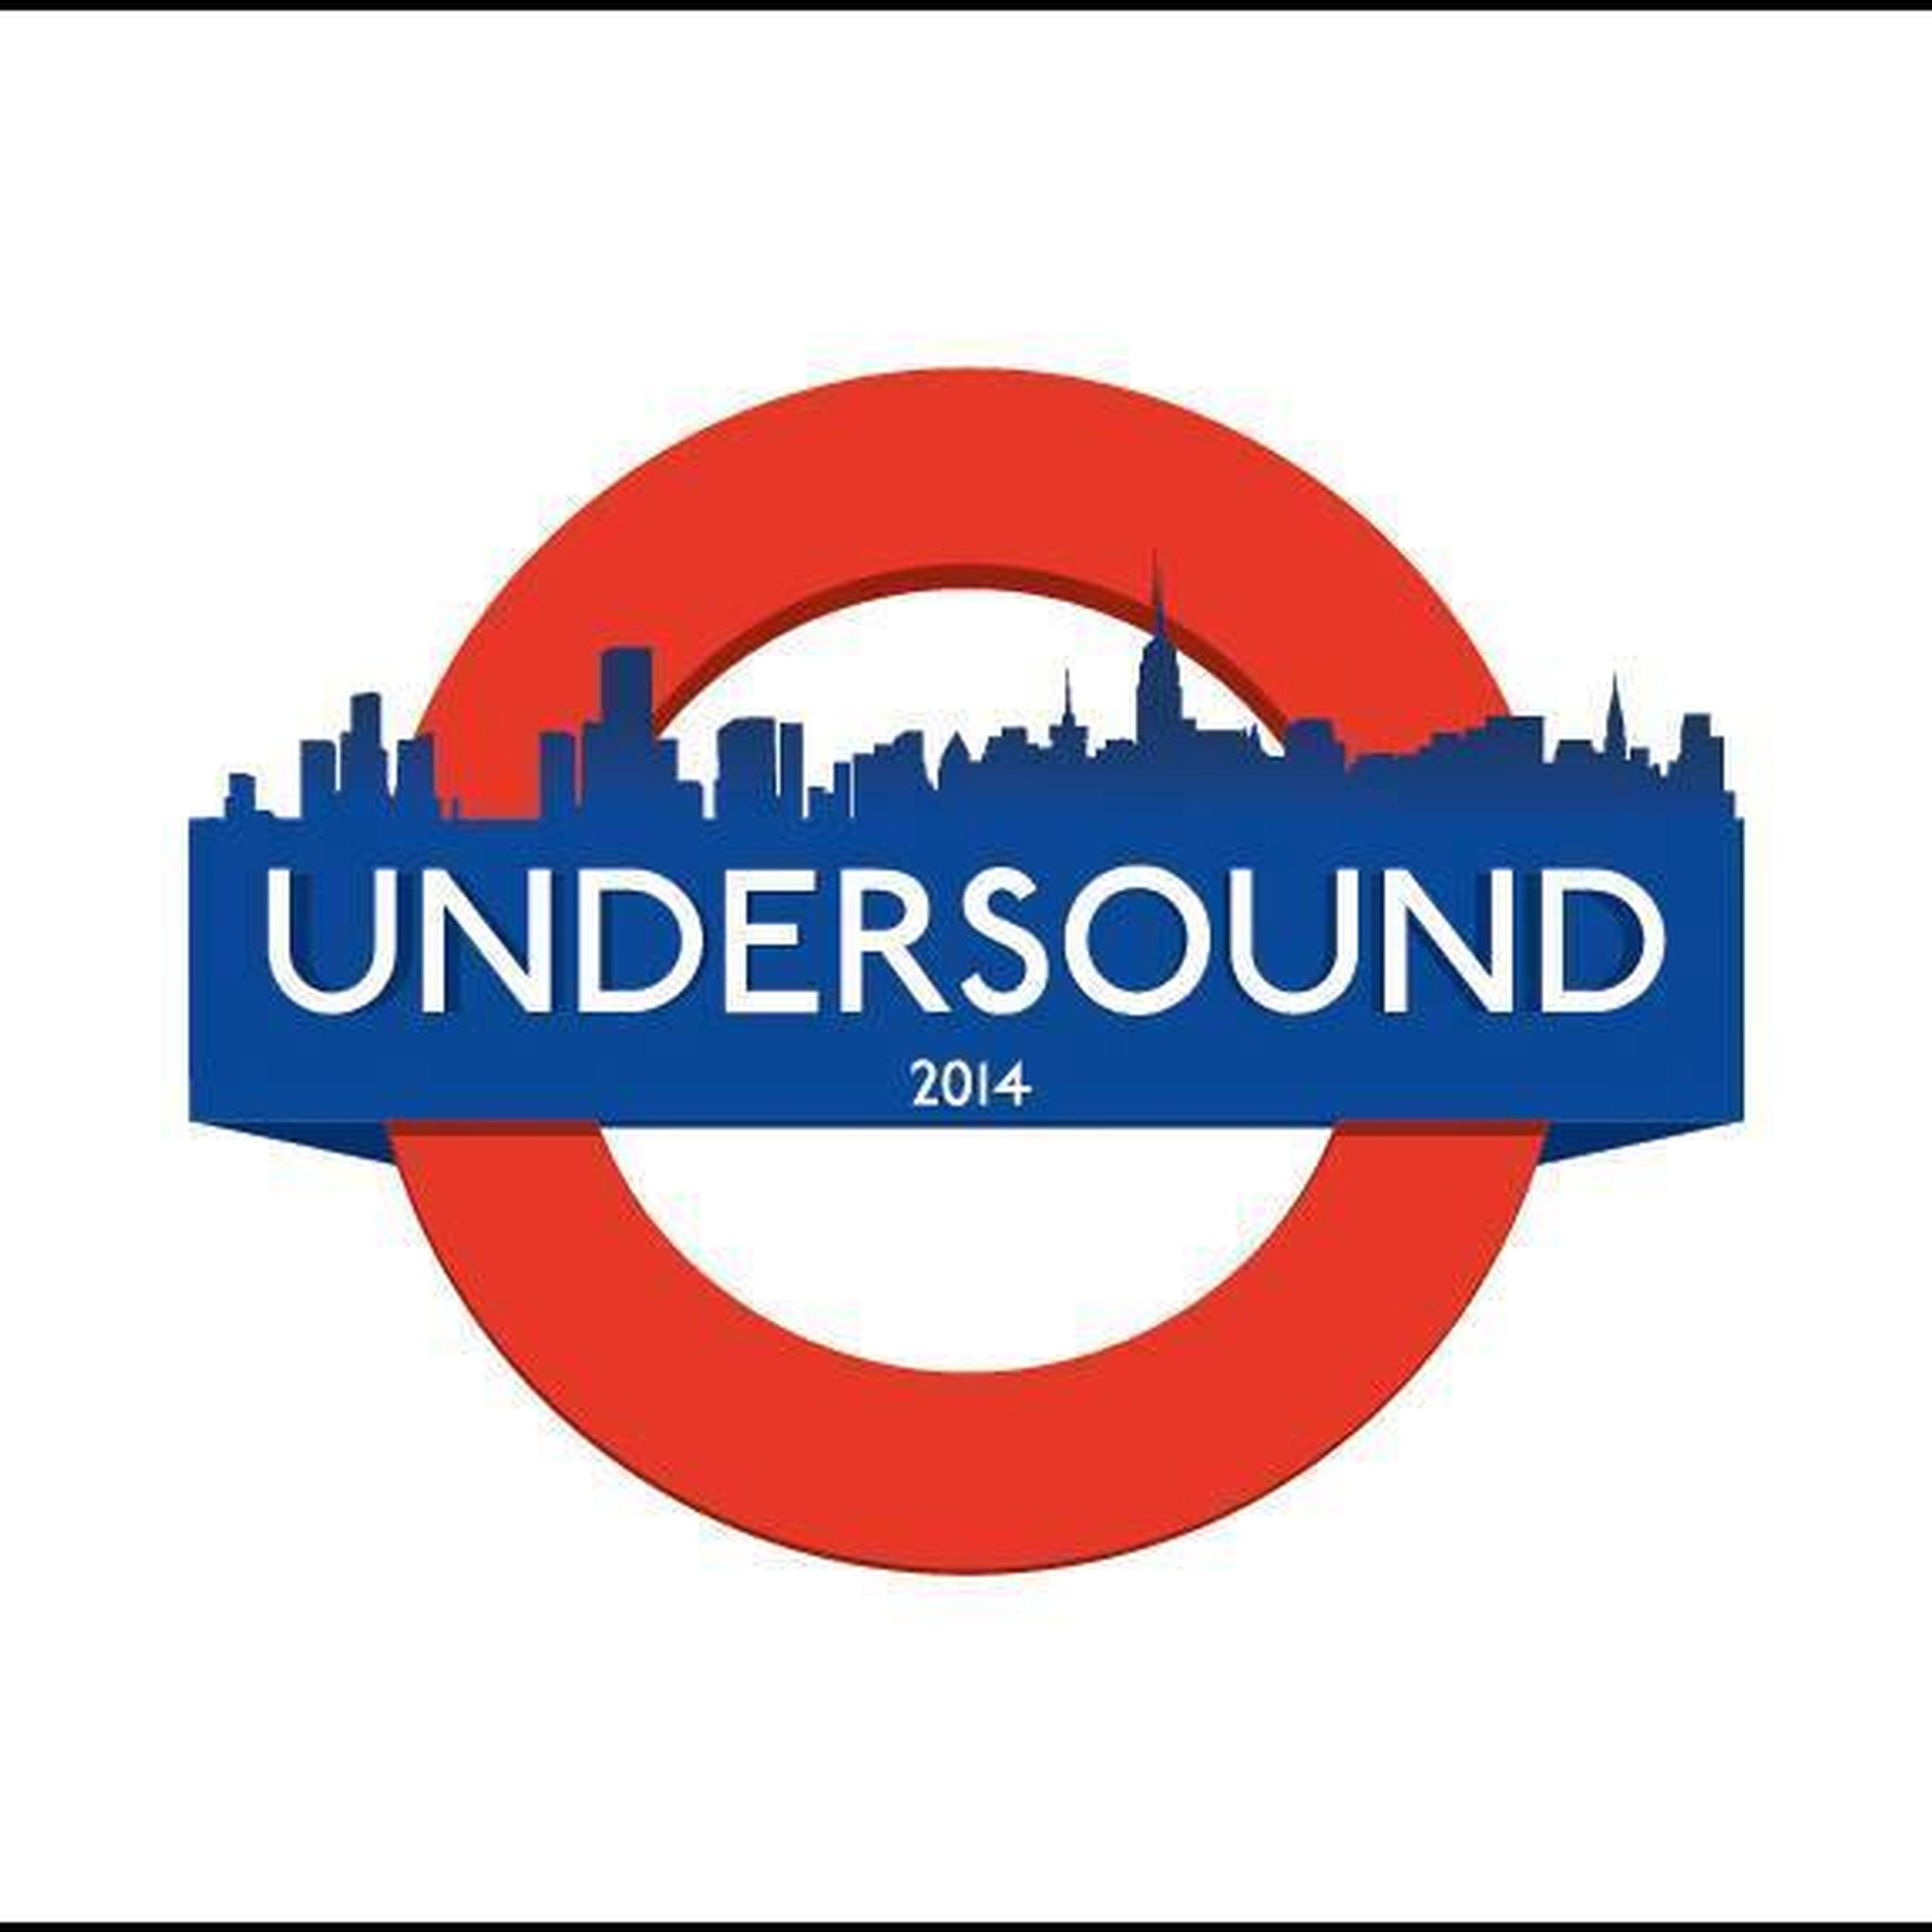 Undersound 2014 - Single